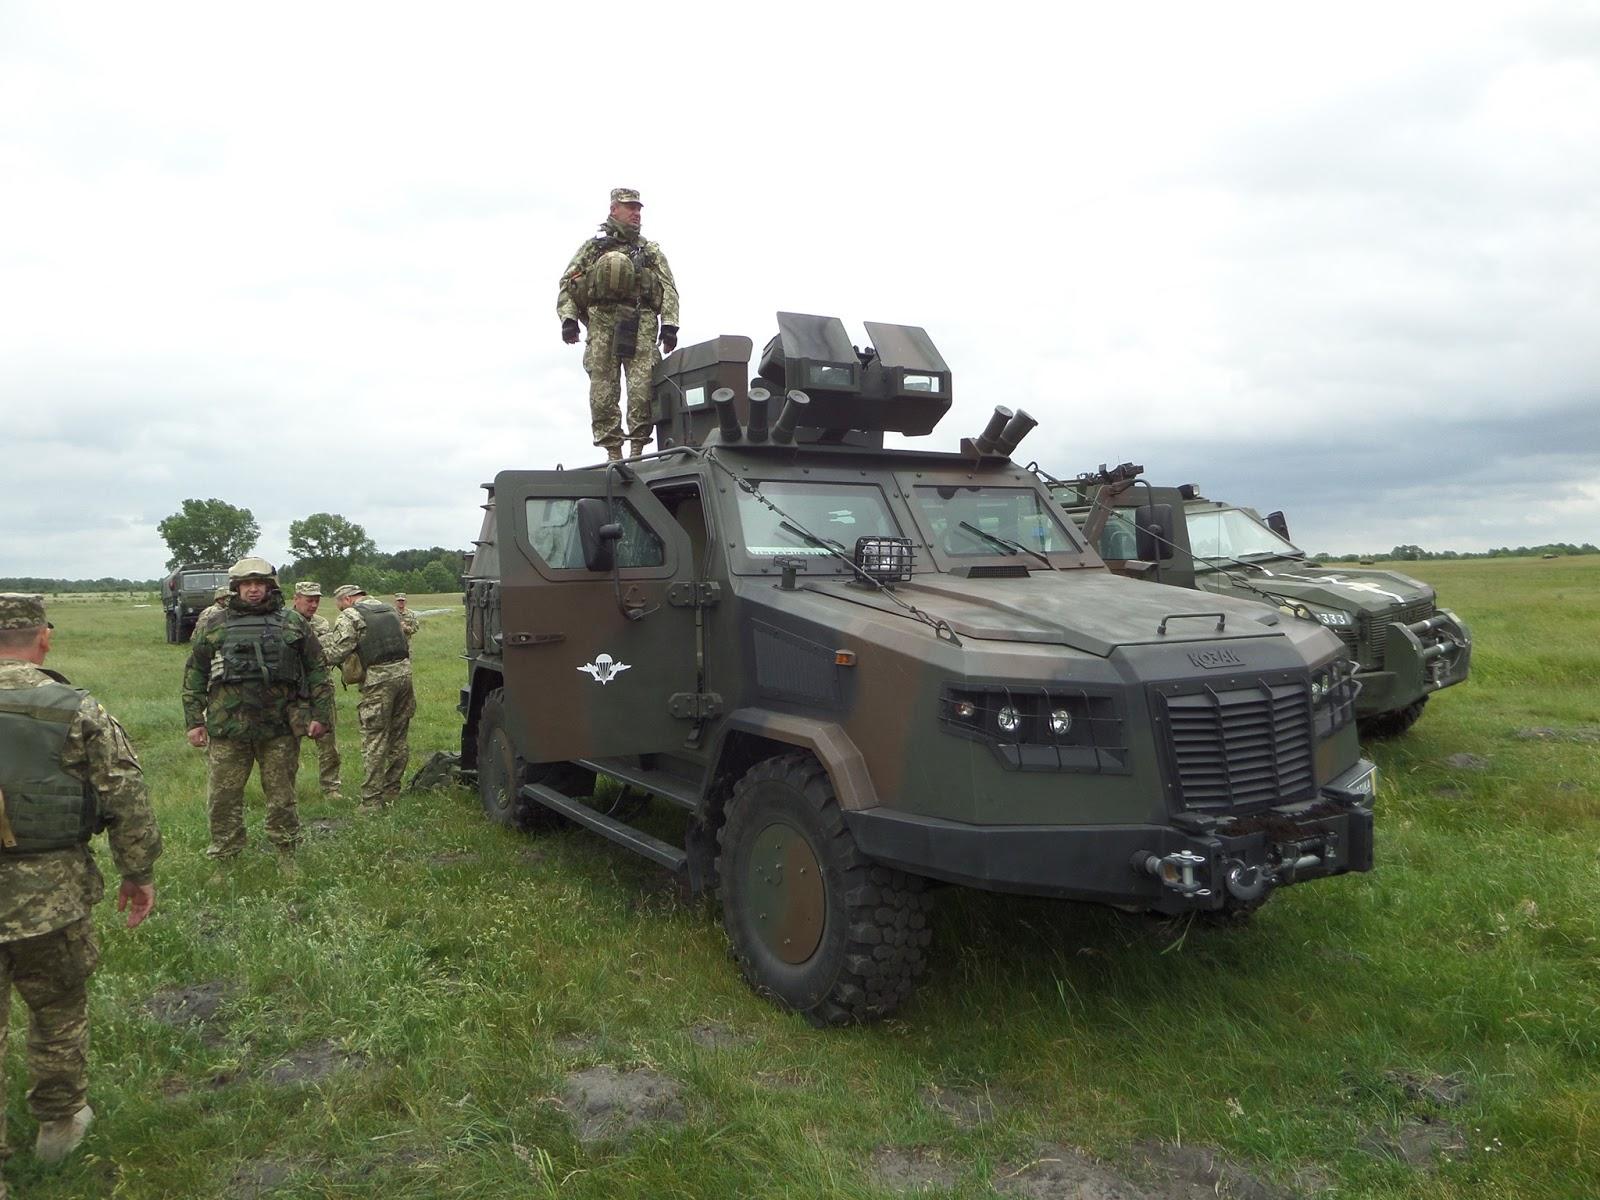 Козаки для ЗСУ: Висоцький та Міноборони vs. Бутусова